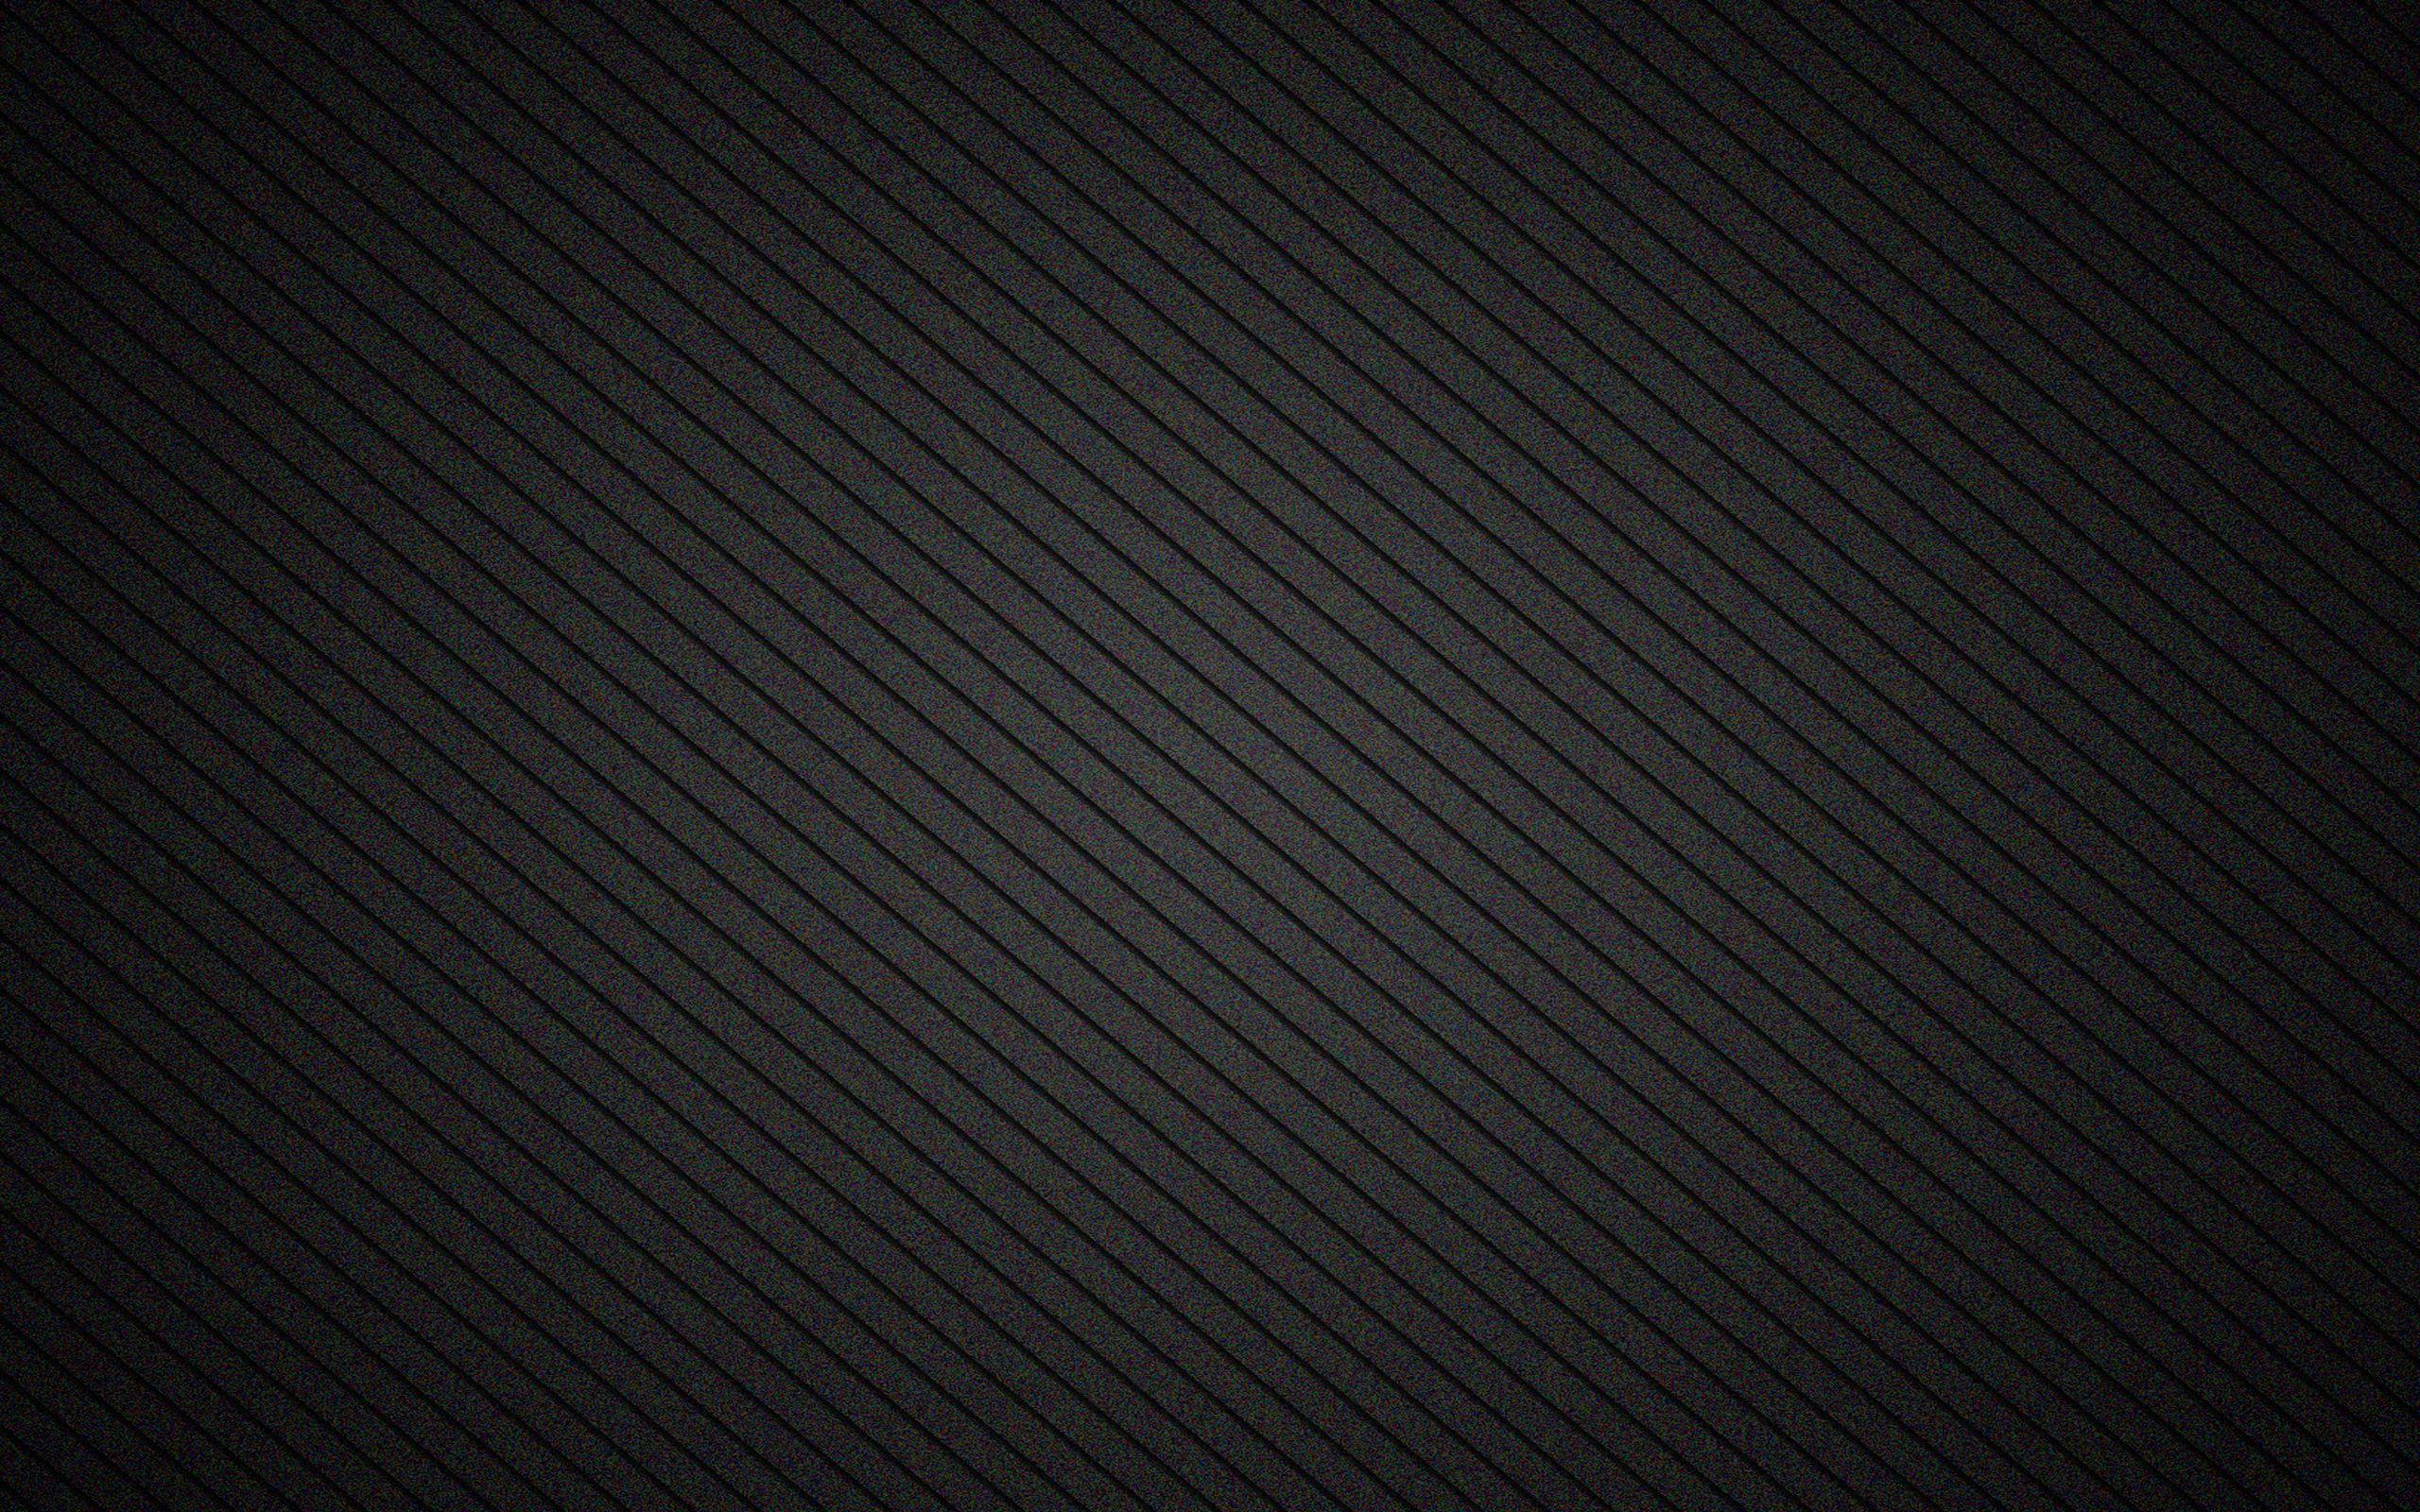 82642 télécharger le fond d'écran Textures, Texture, Rayures, Stries, Obliquement, Ombre, Contexte, Le Noir - économiseurs d'écran et images gratuitement